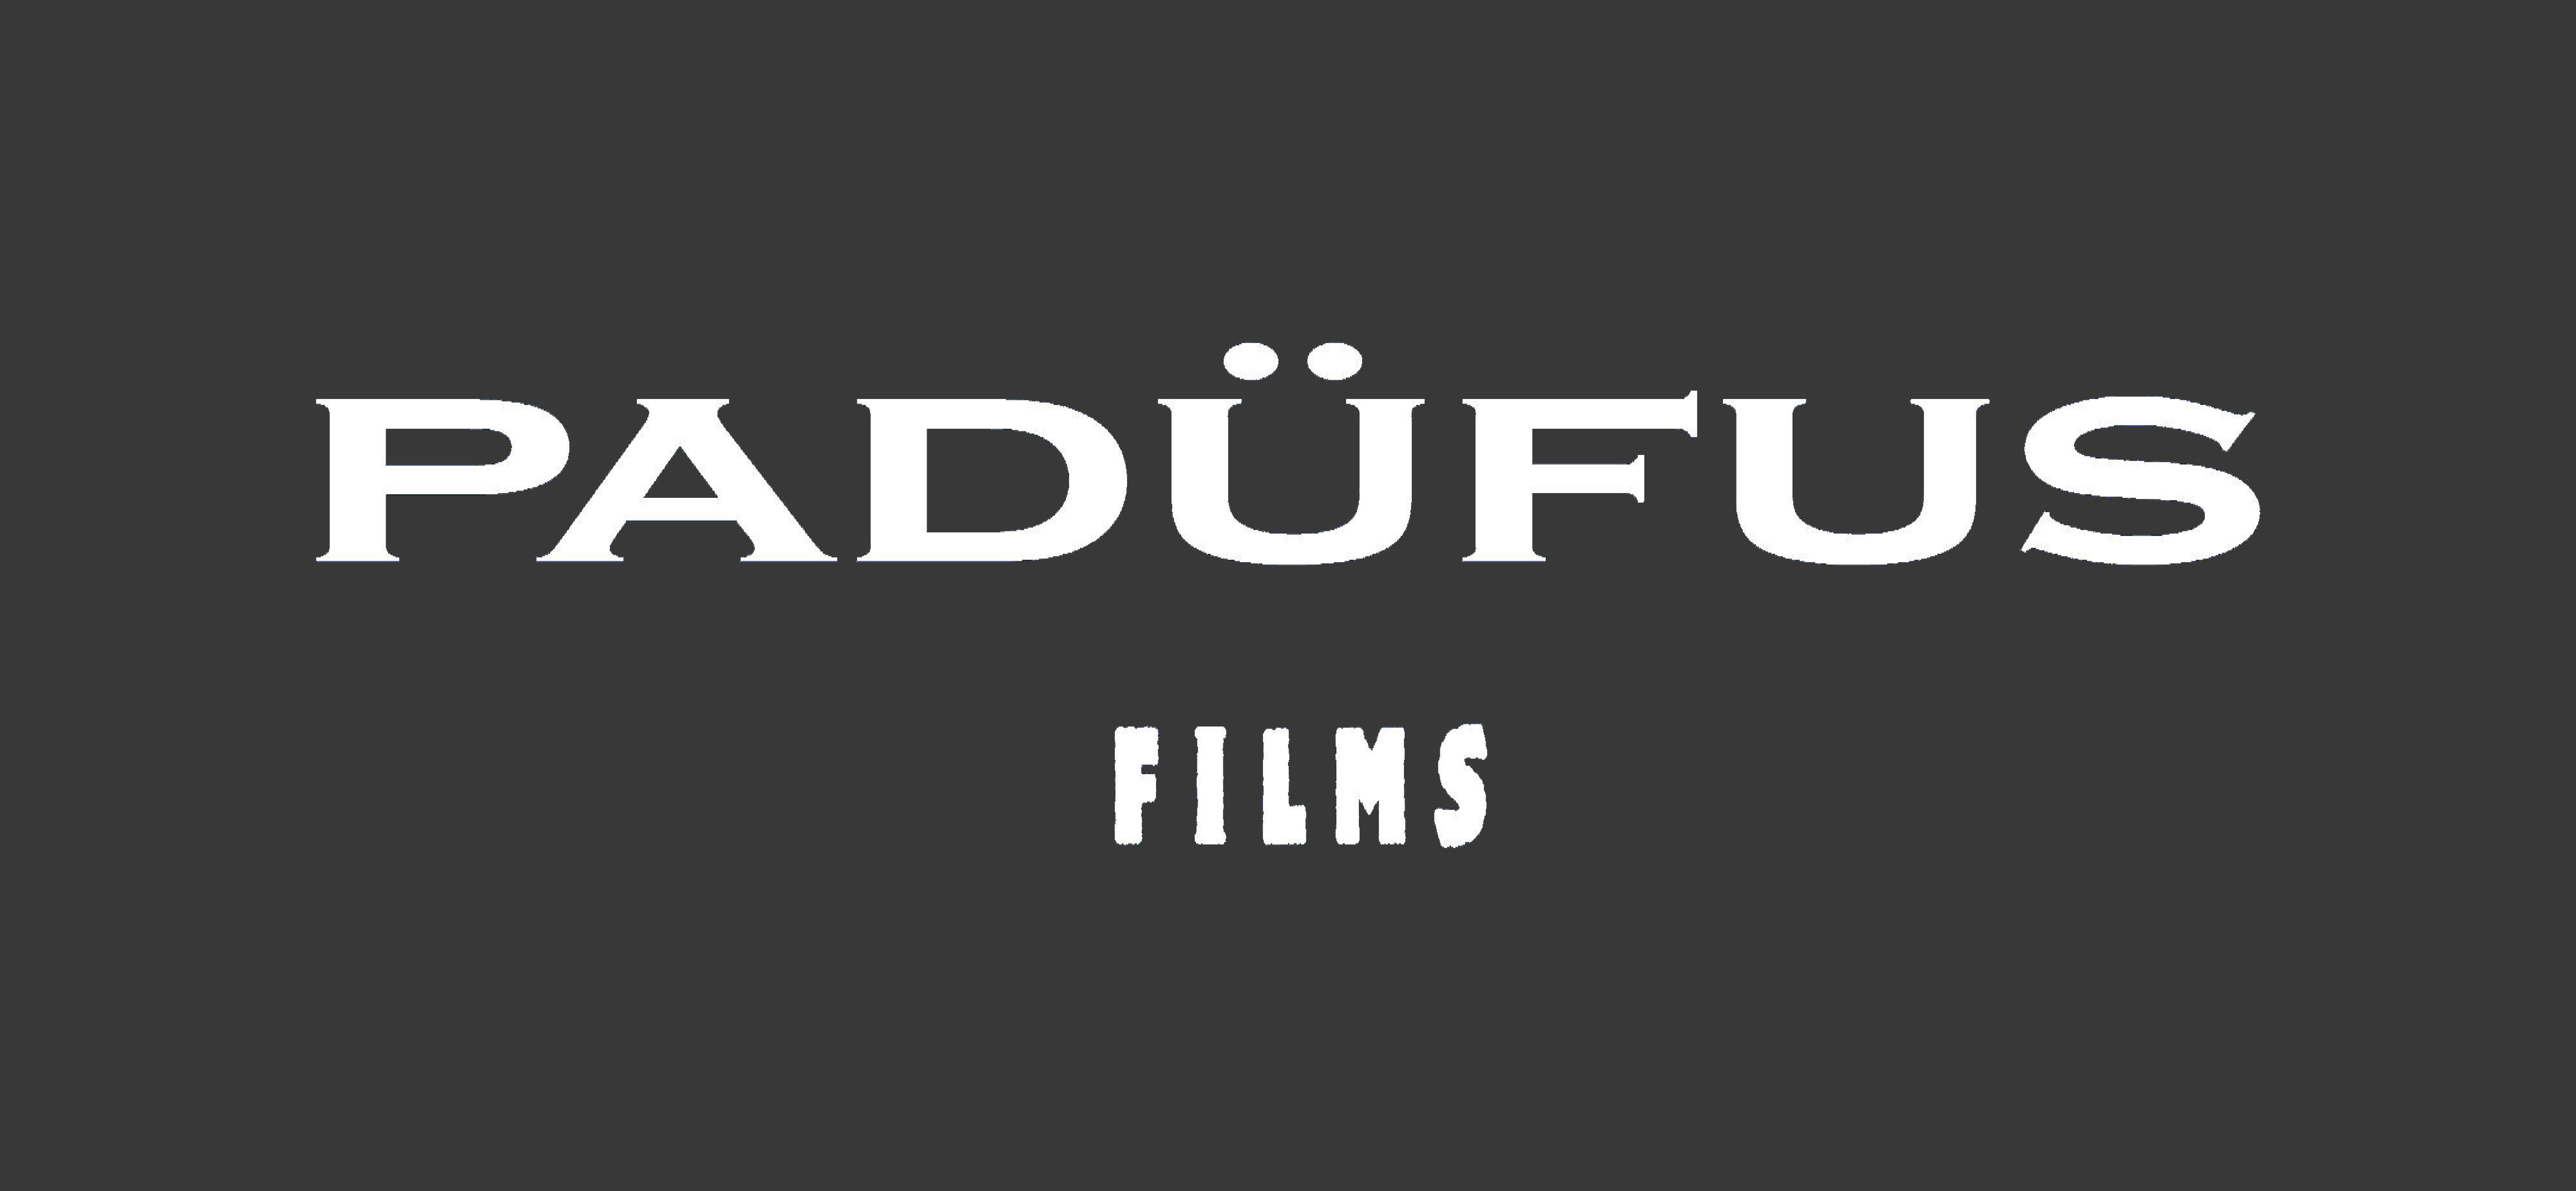 Padüfus Films